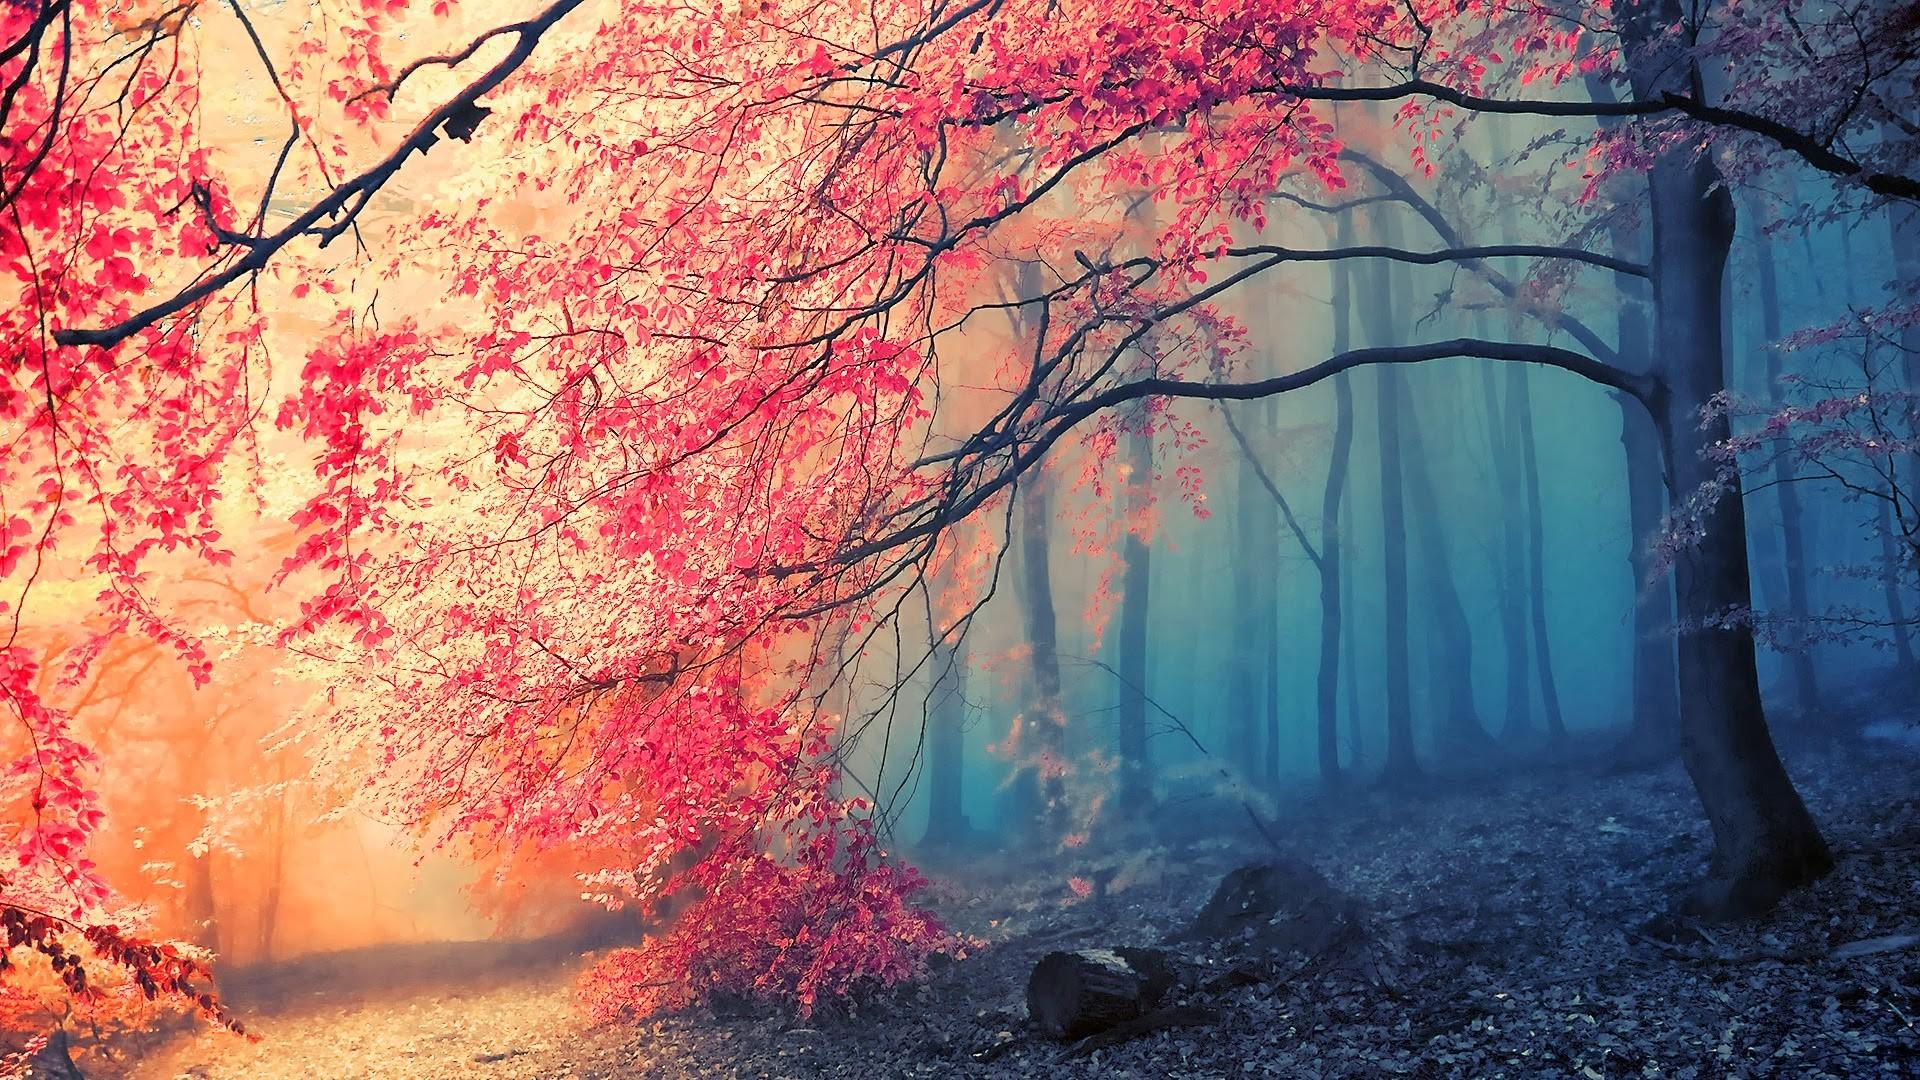 デスクトップ壁紙 日光 木 森林 秋 自然 ブランチ 桜の花 葉 工場 シーズン コンピュータの壁紙 19x1080 Smoovie 9532 デスクトップ壁紙 Wallhere